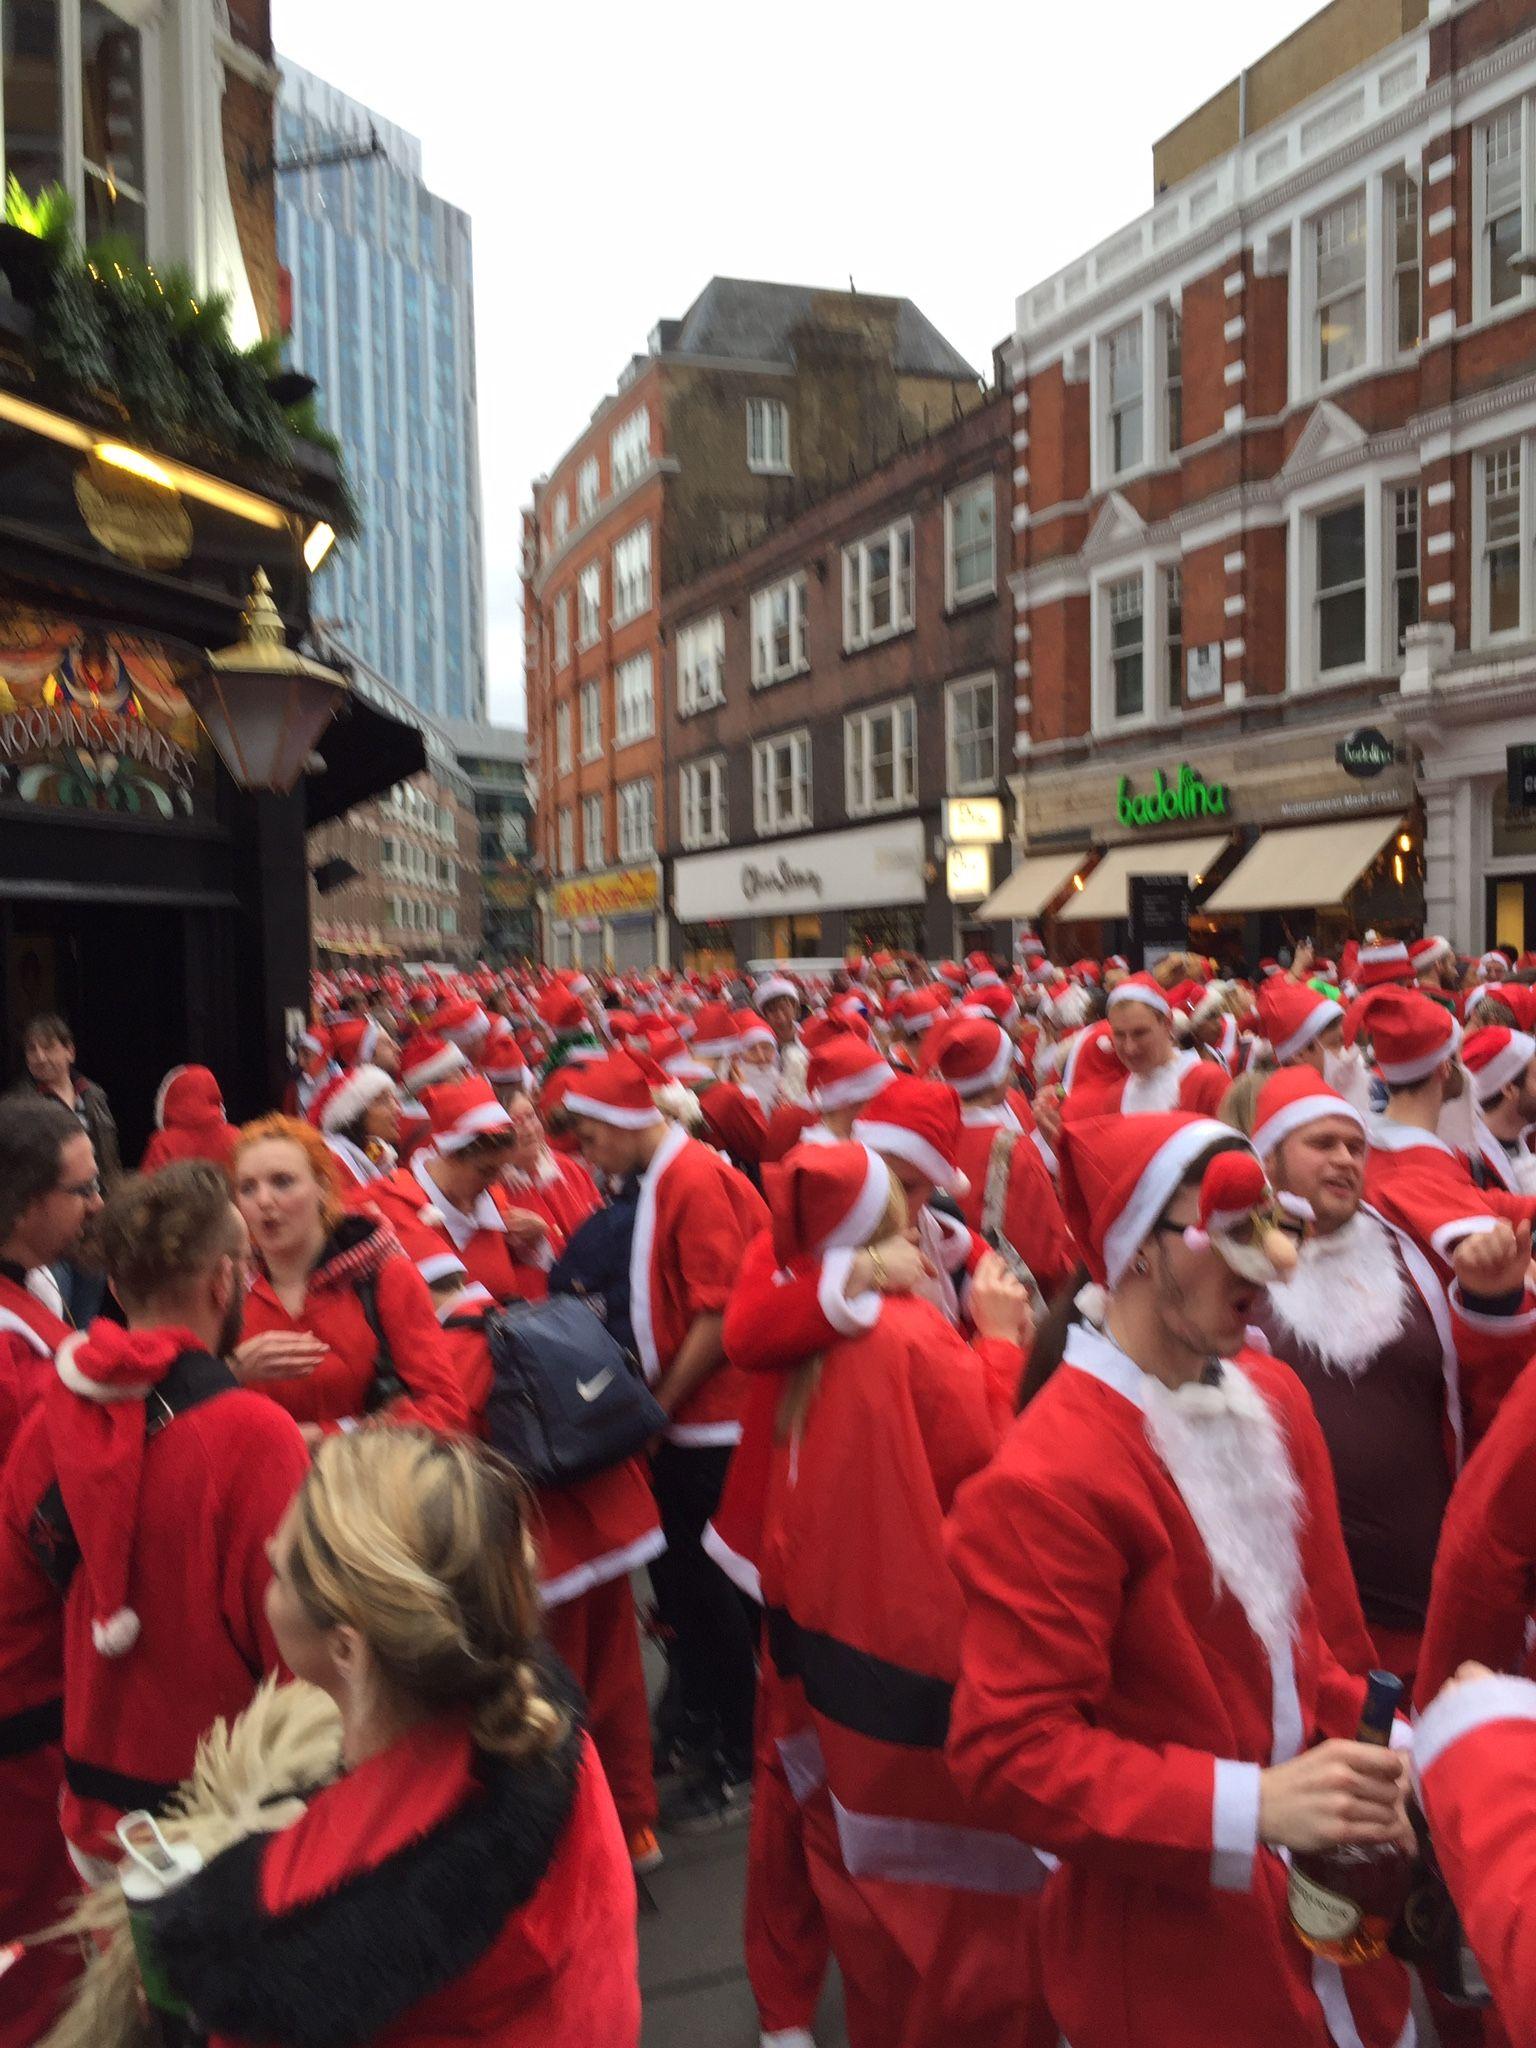 Santa's in London